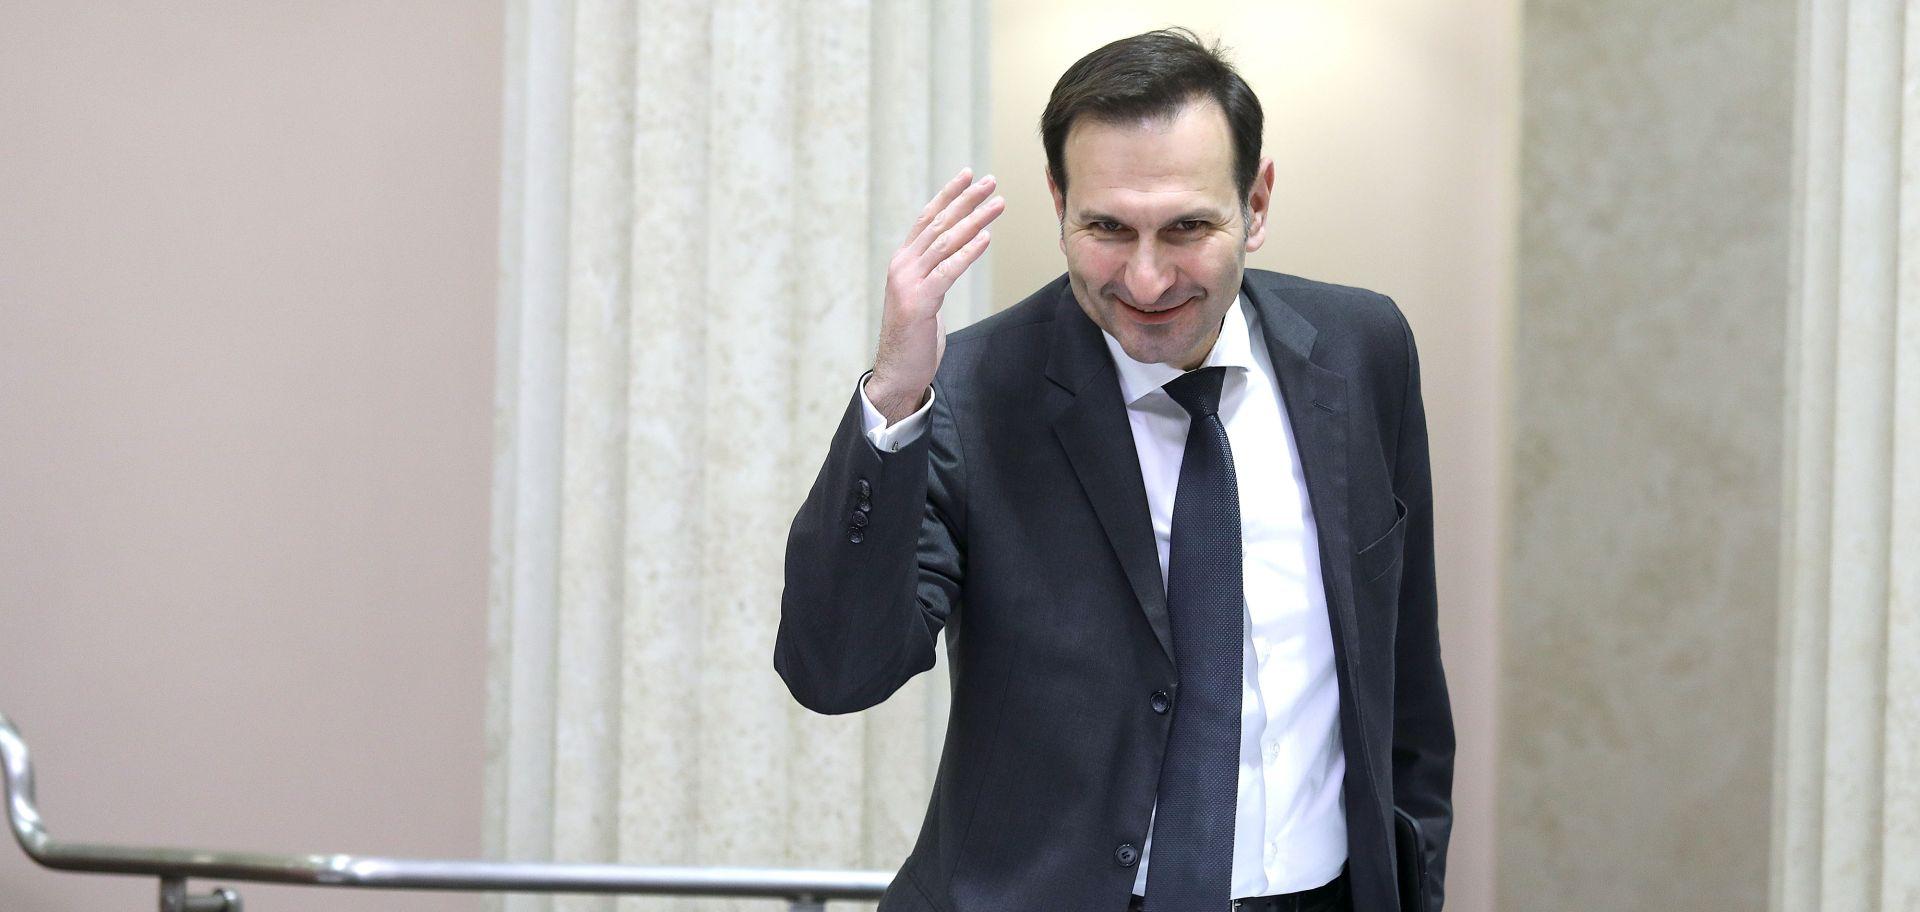 MIRO KOVAČ 'O pregovorima Srbije odlučuju zemlje članice EU'